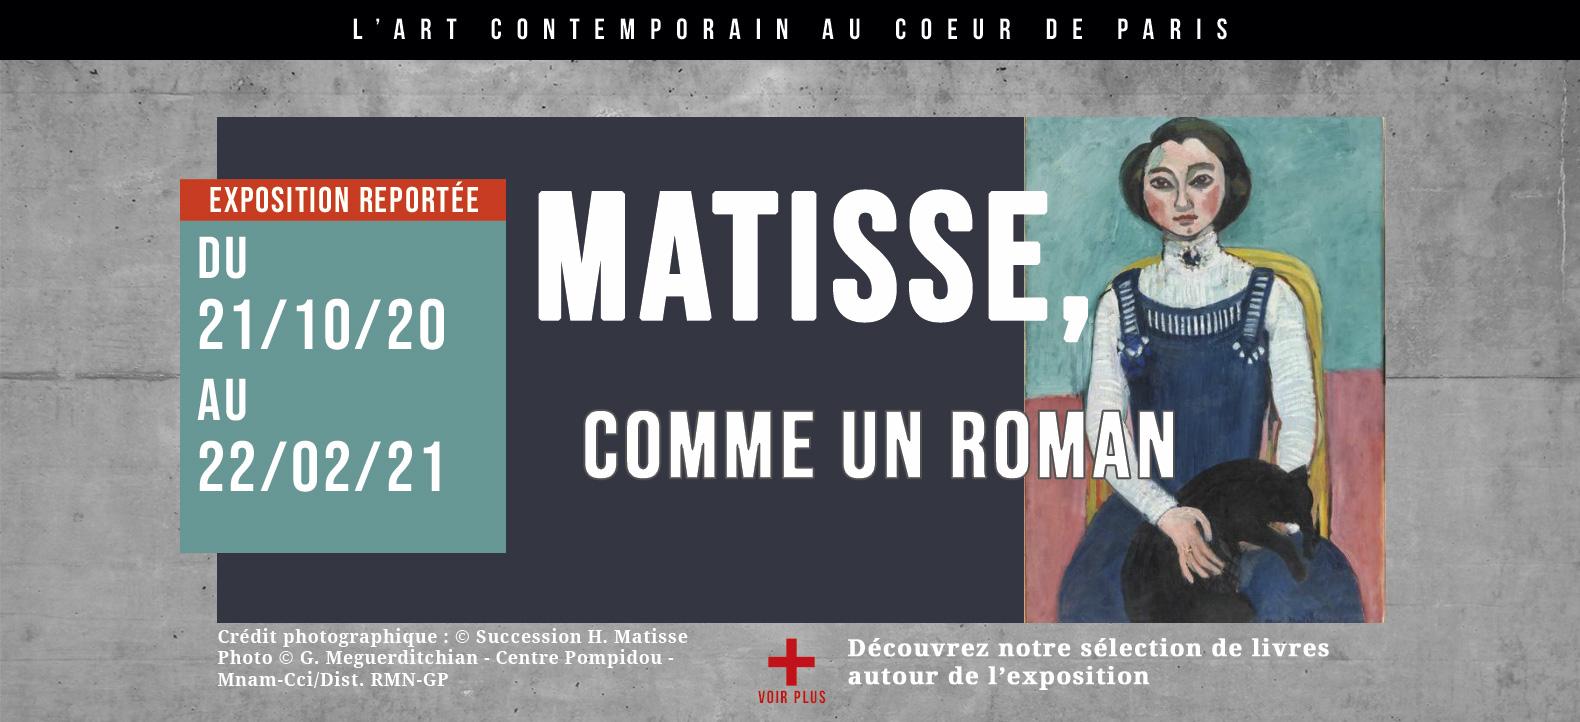 Matisse , comme un roman